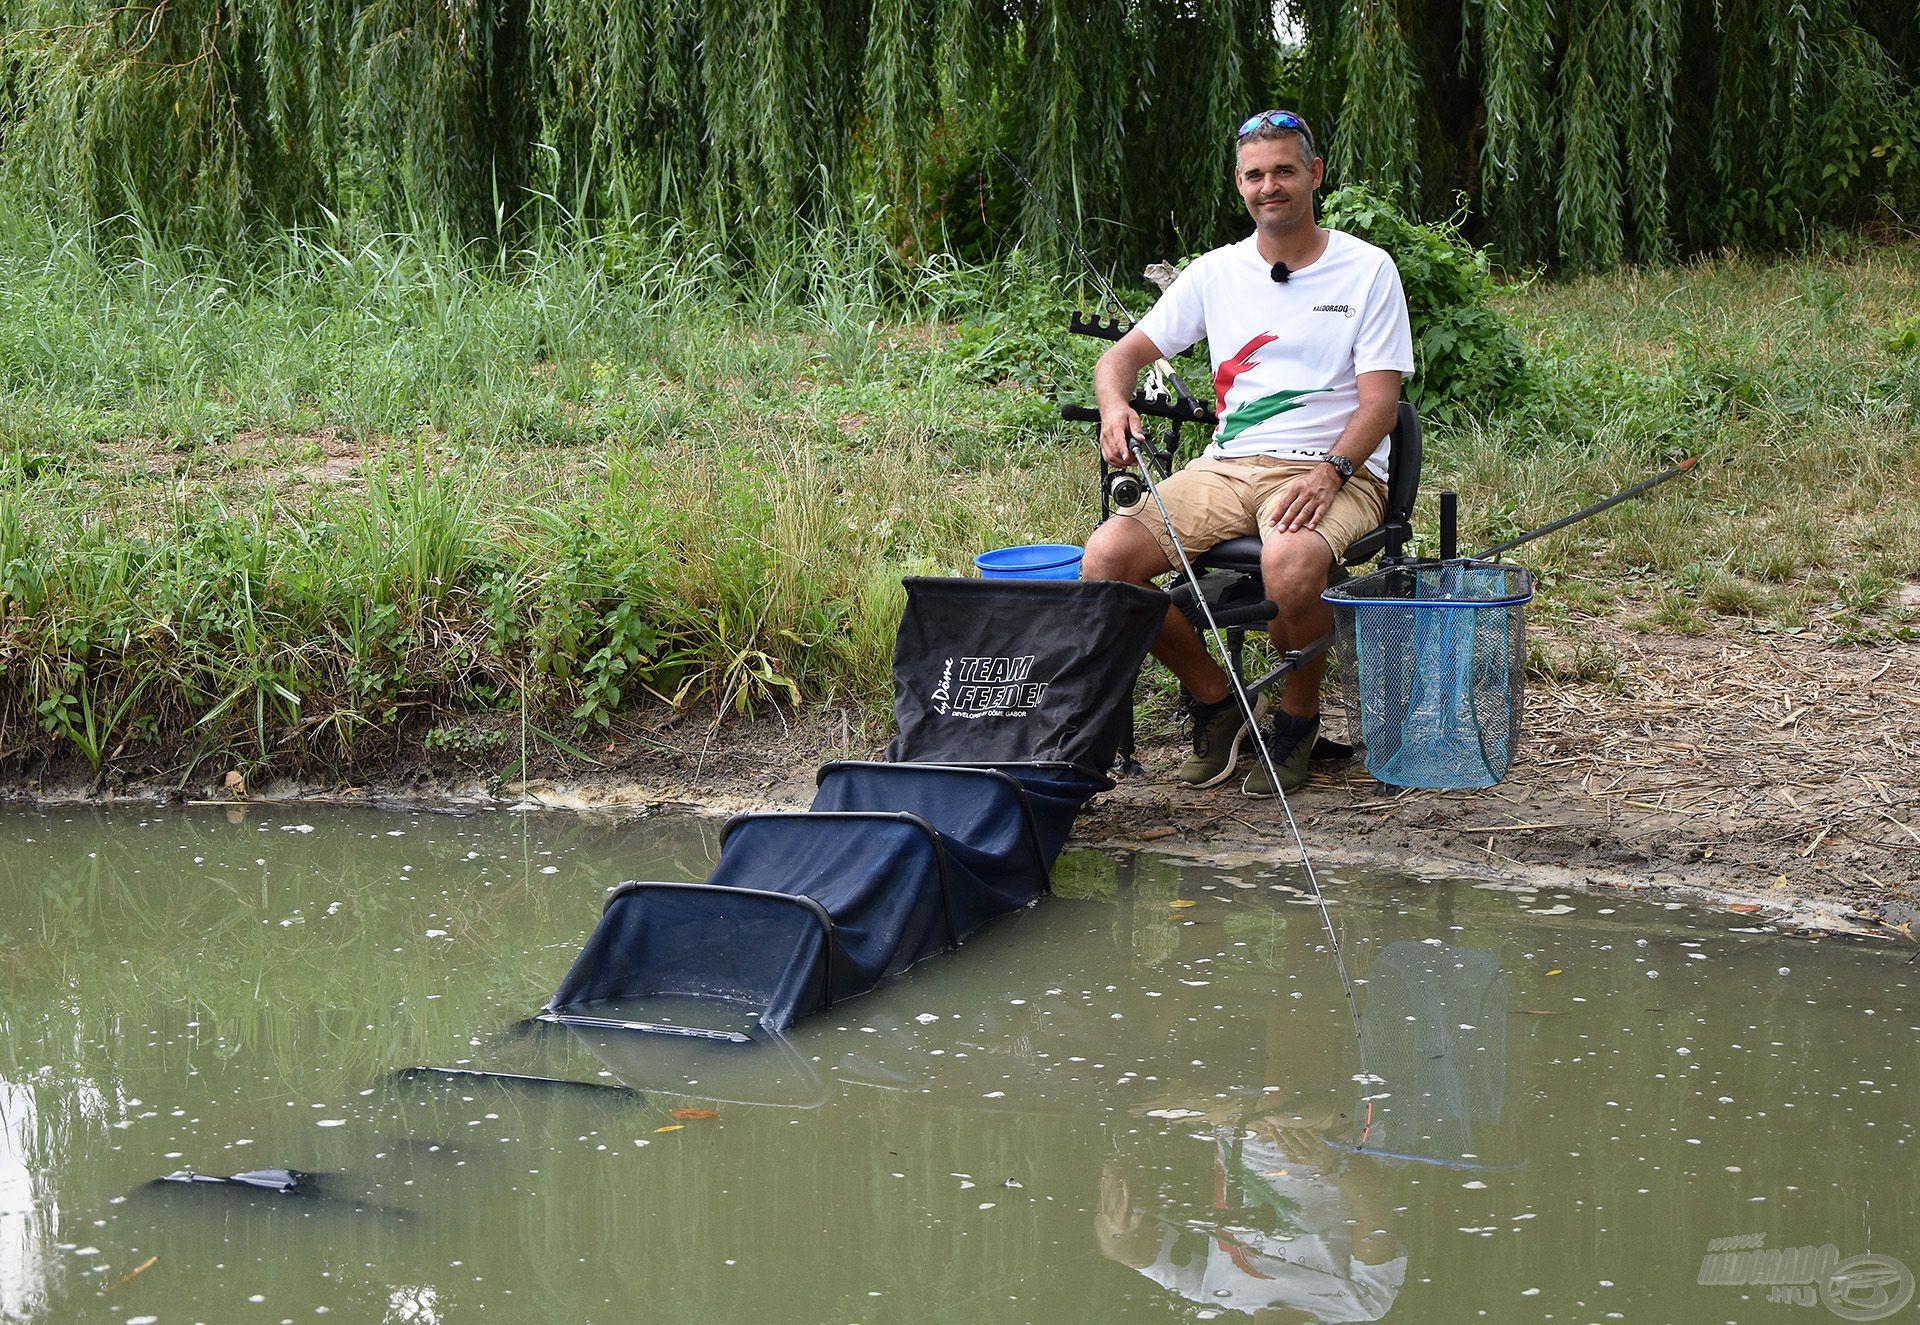 A Haldorádó kiegészítők kínálata nagyon széles, így mindenki személyre szabhatja a horgászállását